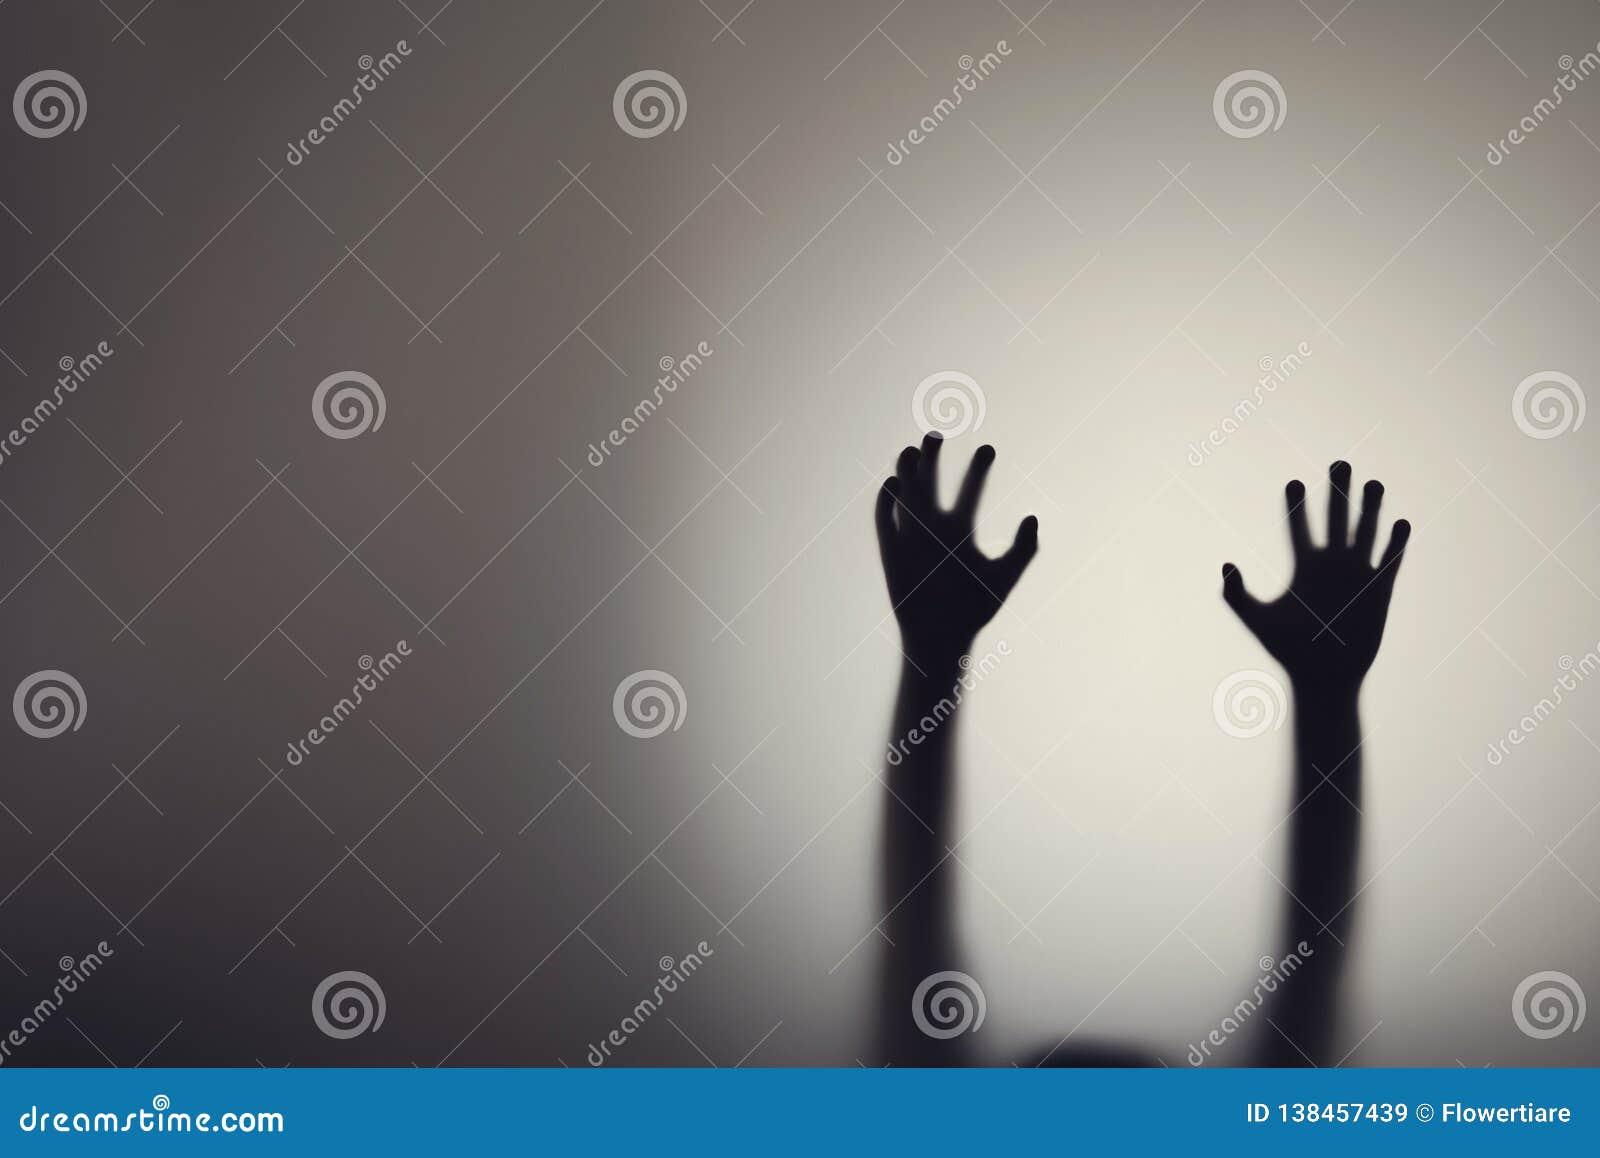 Silueta de las manos de la mujer detrás de la puerta de cristal Concepto de depresión, miedo, ataques de pánico